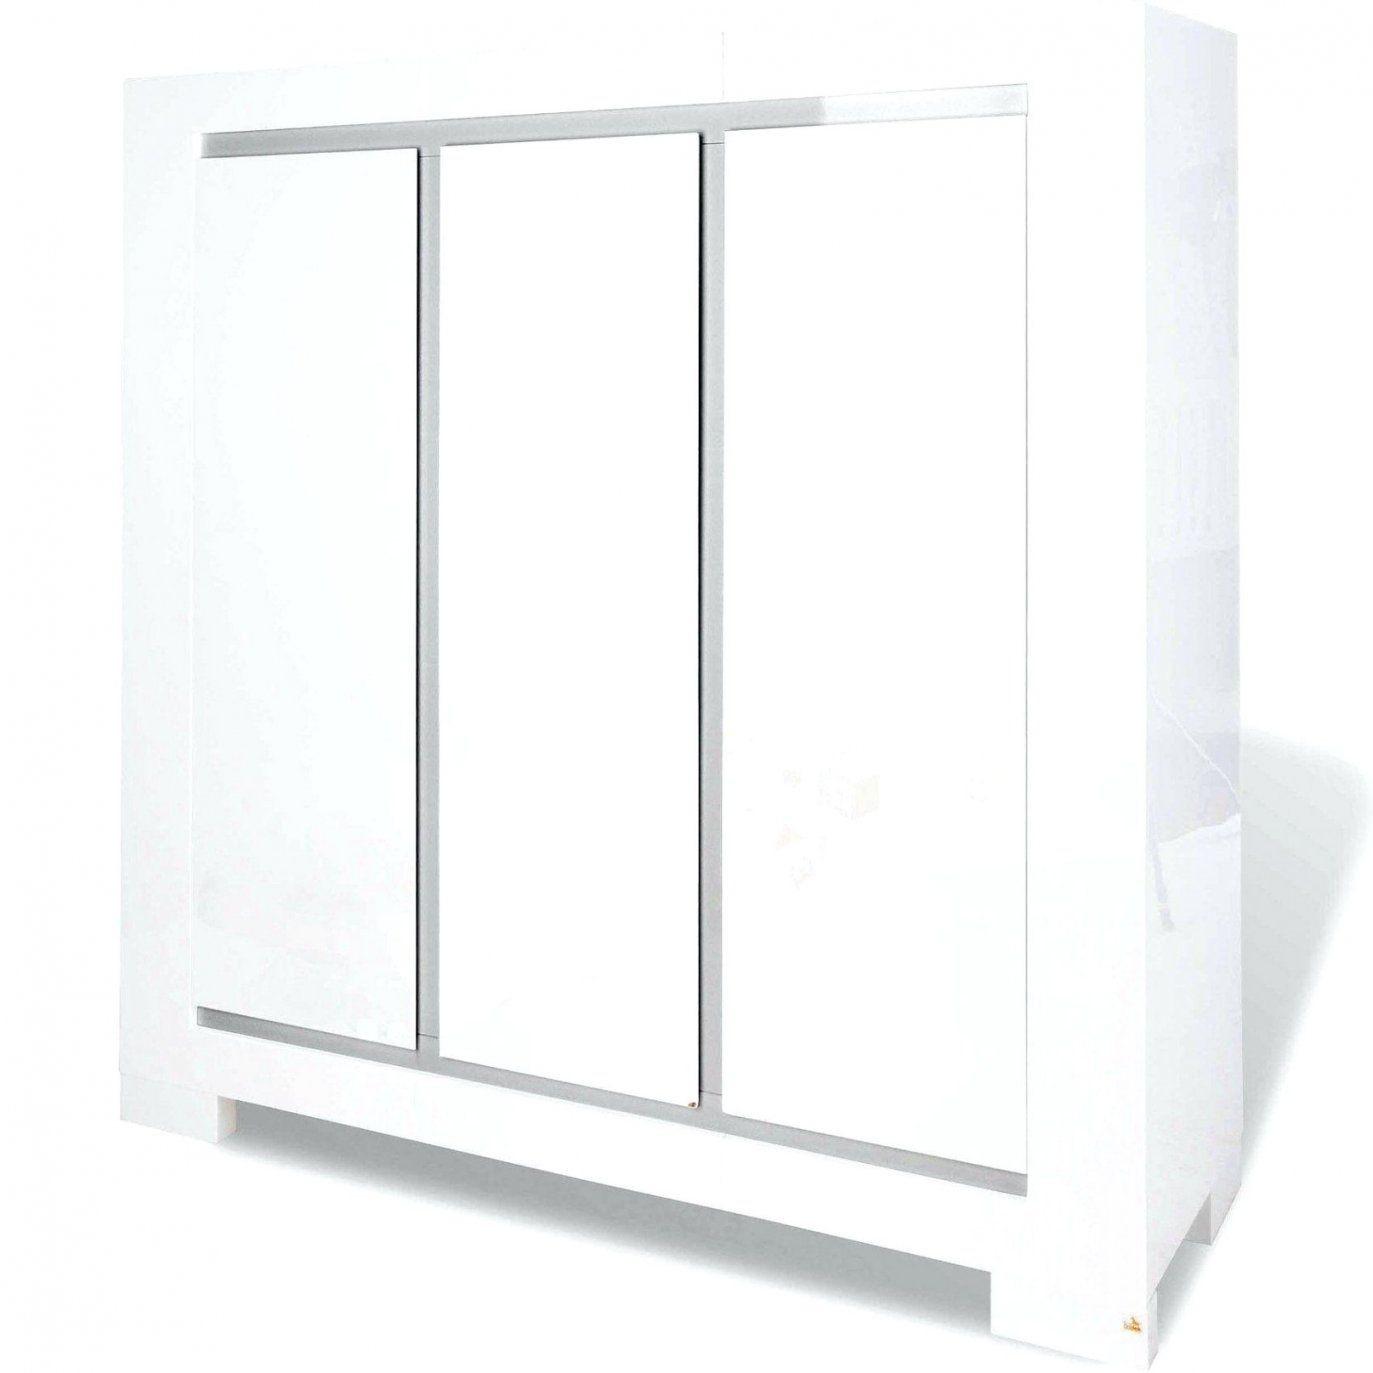 Tolle Schrank Weiss Hochglanz Elegant Kleiderschrank Weia Rauch von Ikea Kleiderschrank Weiß Hochglanz Bild